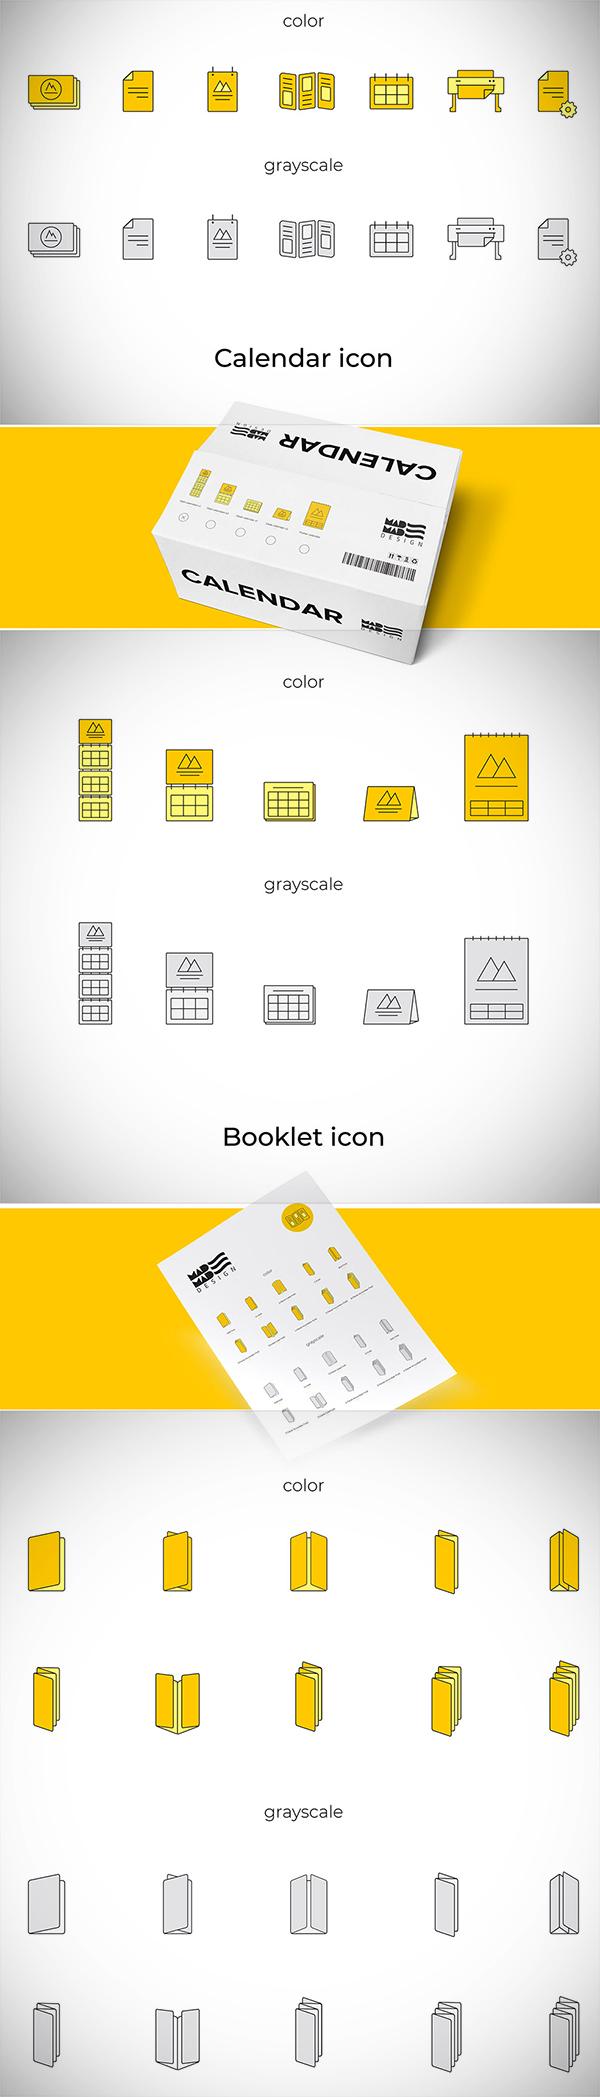 Printing House - Free Icon Set